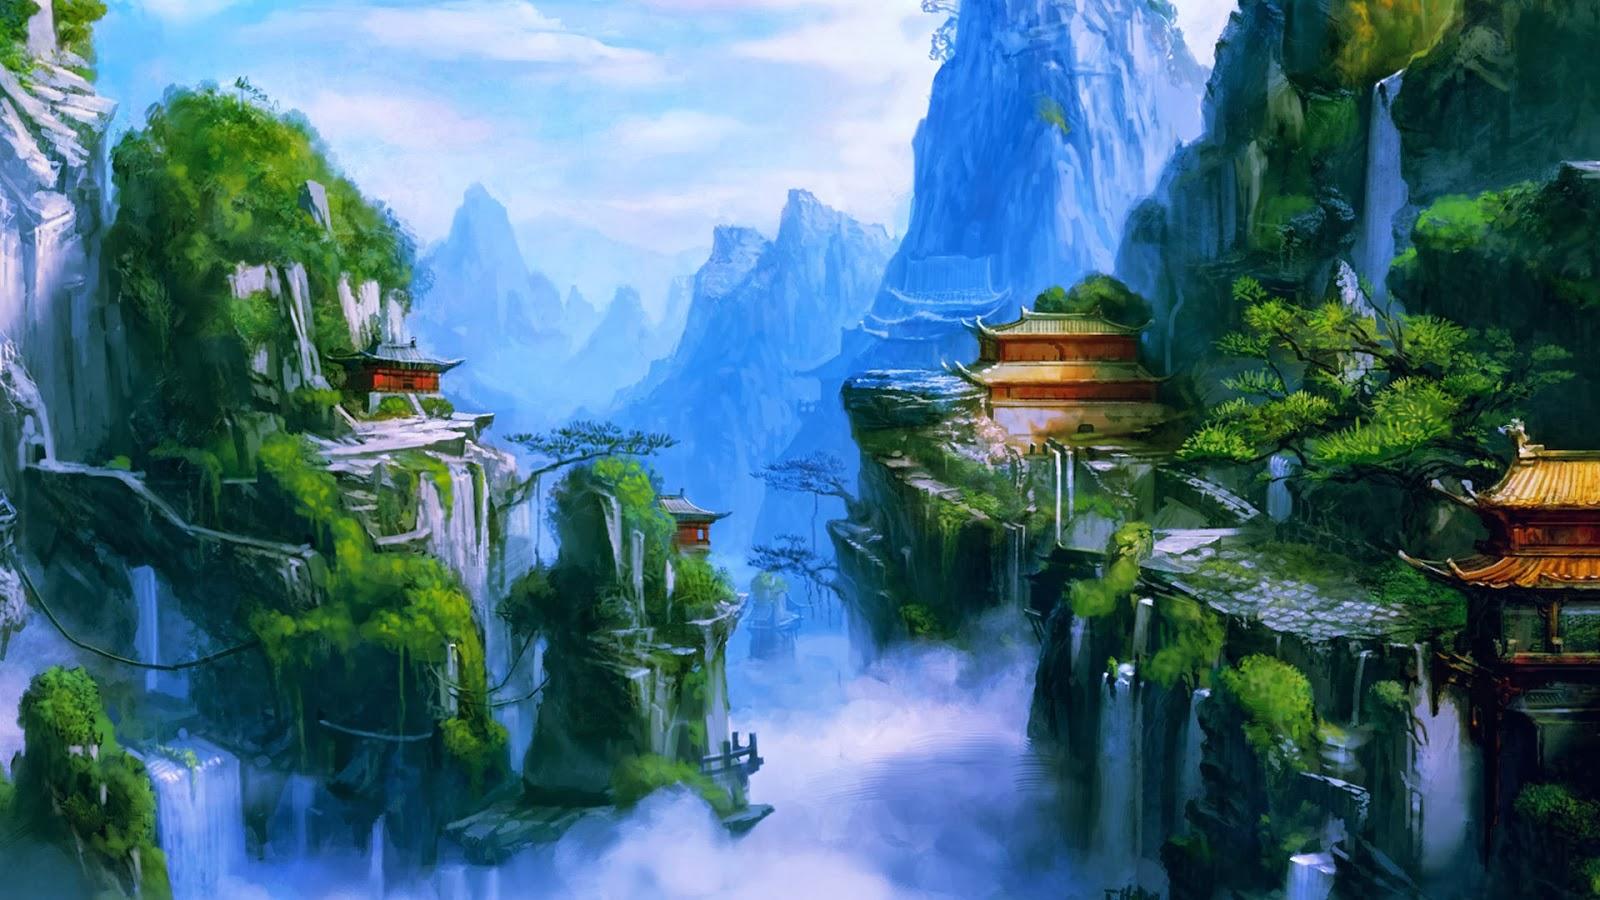 All new wallpaper beautiful nature wallpaper for desktop - Nature ke wallpaper ...